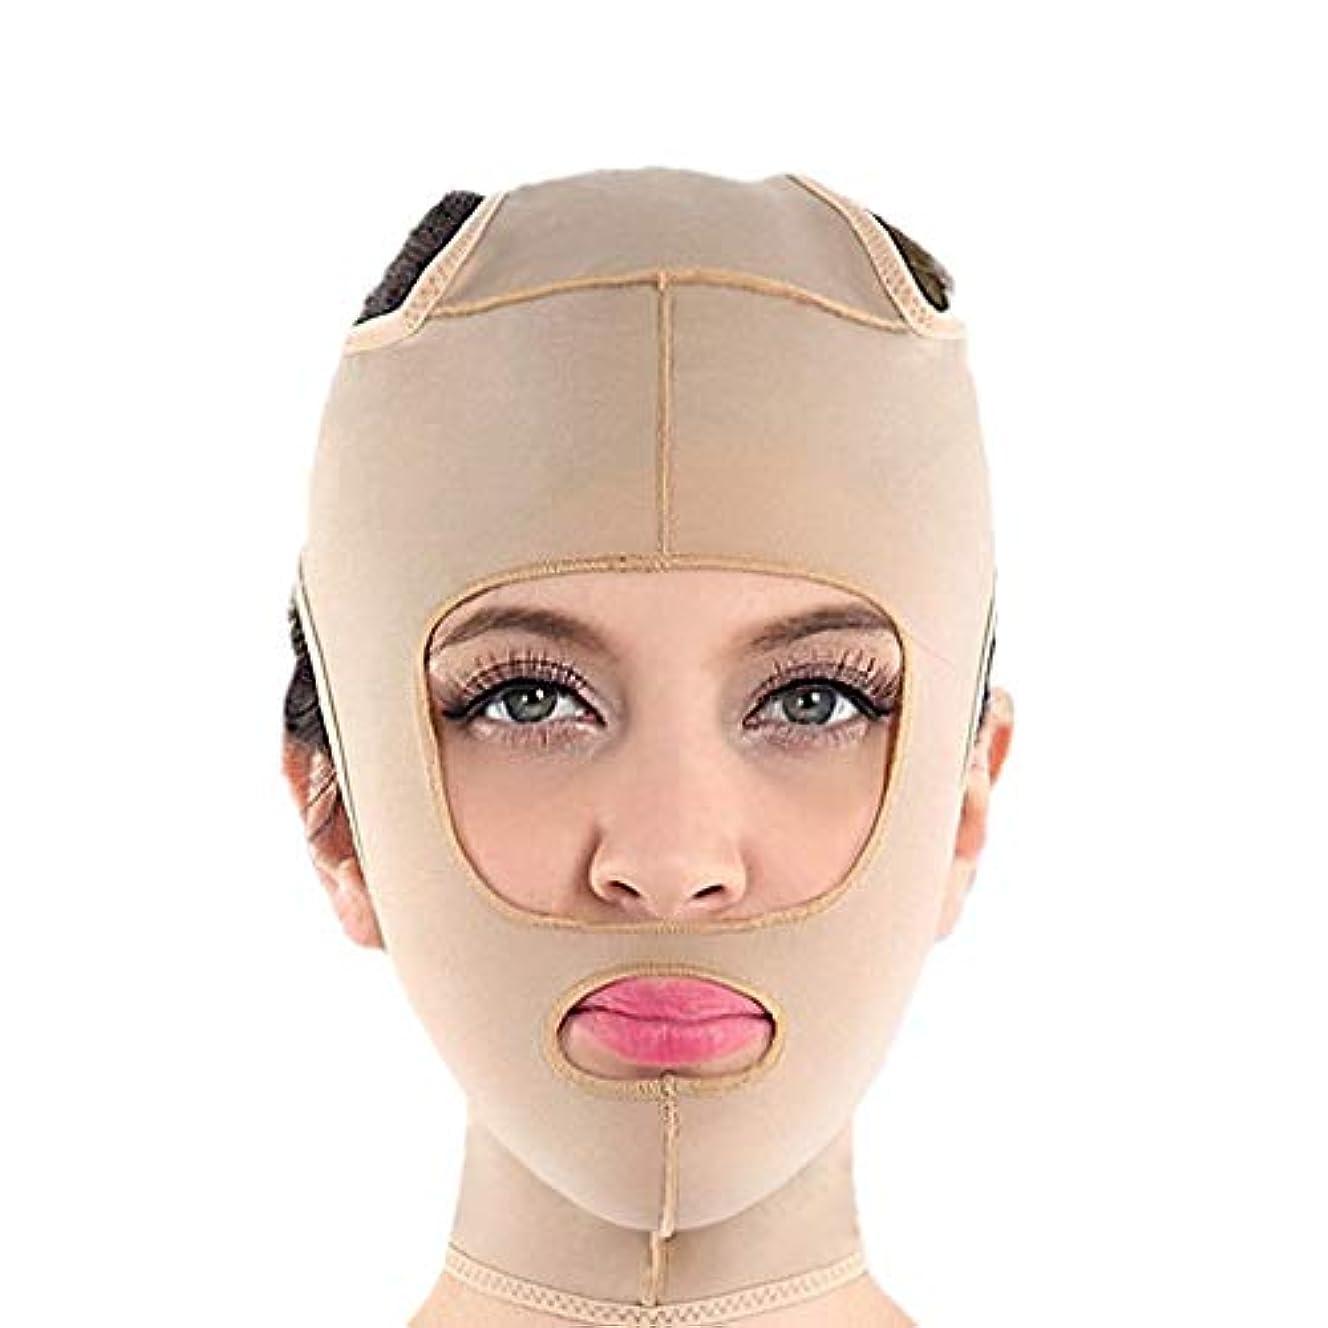 ホップ以降脱走フェイスリフティング、ダブルチンストラップ、フェイシャル減量マスク、ダブルチンを減らすリフティングヌードル、ファーミングフェイス、パワフルリフティングマスク(サイズ:M),S